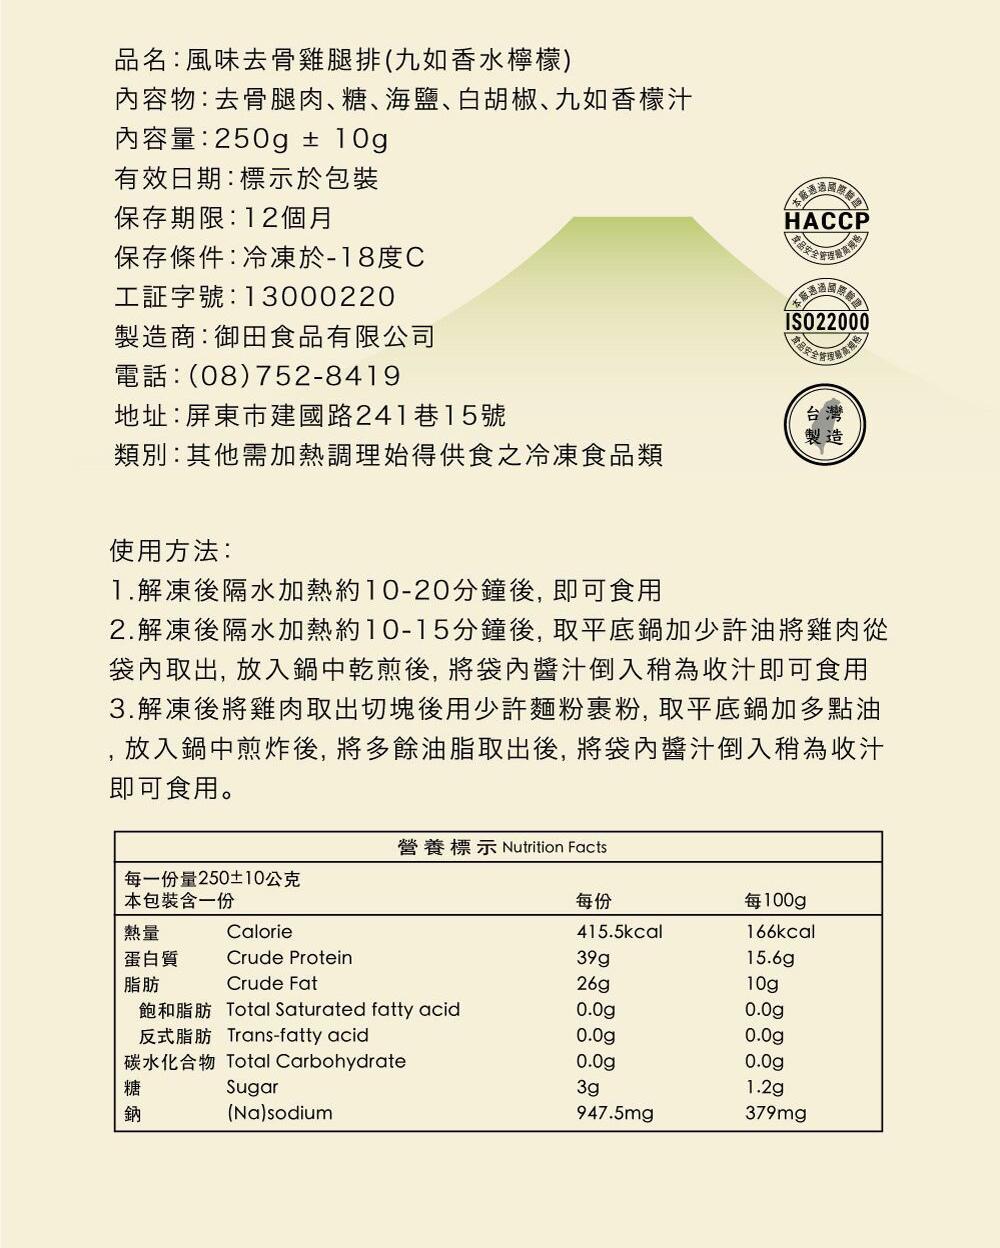 養泉營養標示_190915_0006.jpg